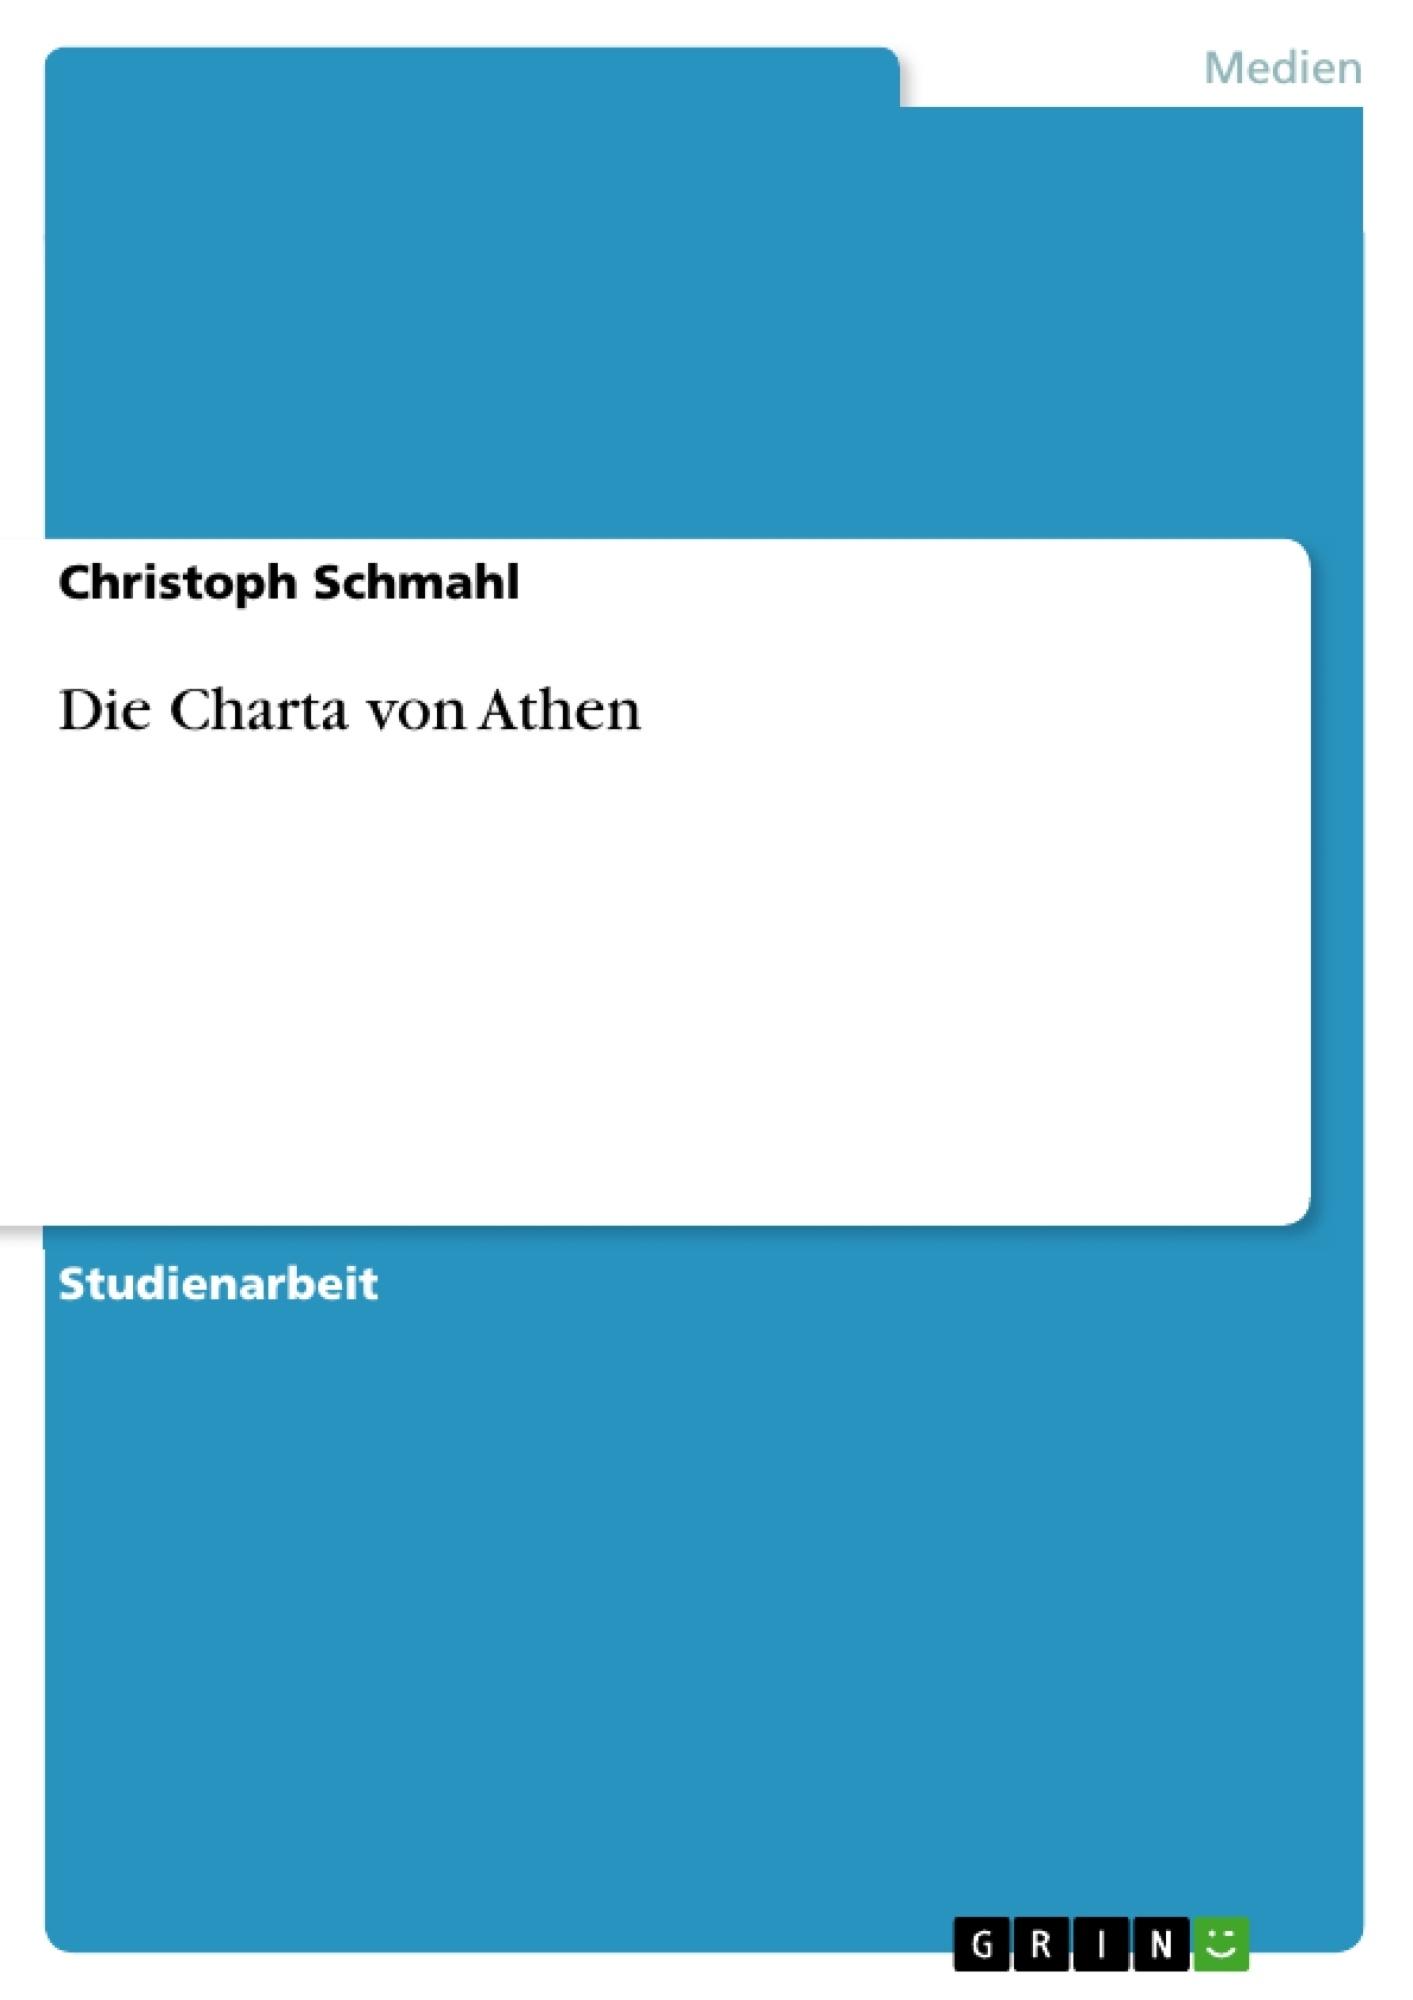 Titel: Die Charta von Athen